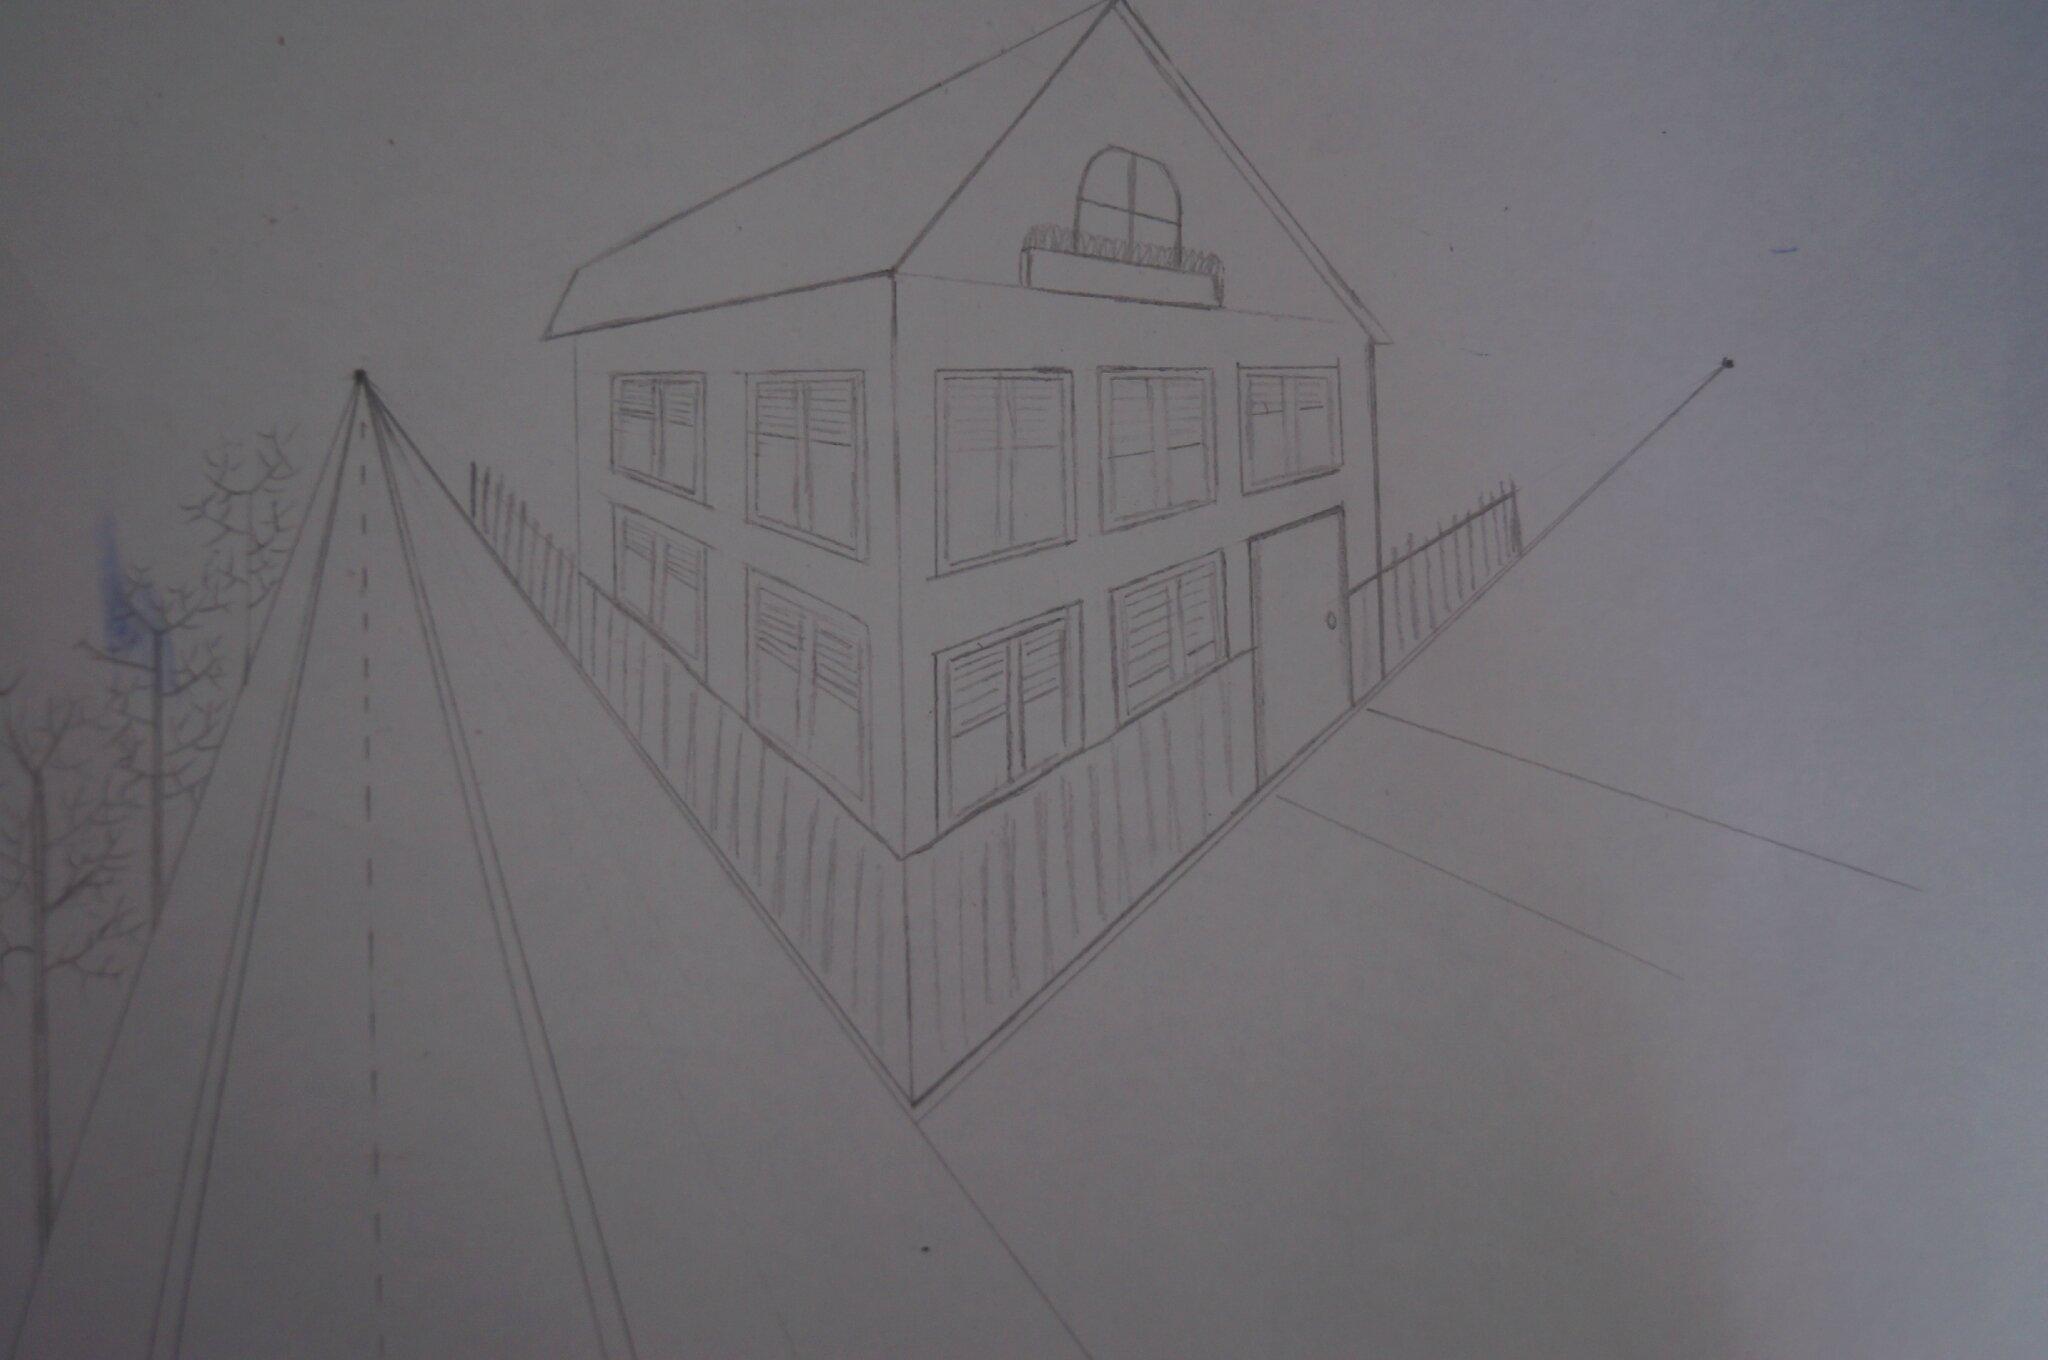 Dessiner une maison avec deux points de fuite